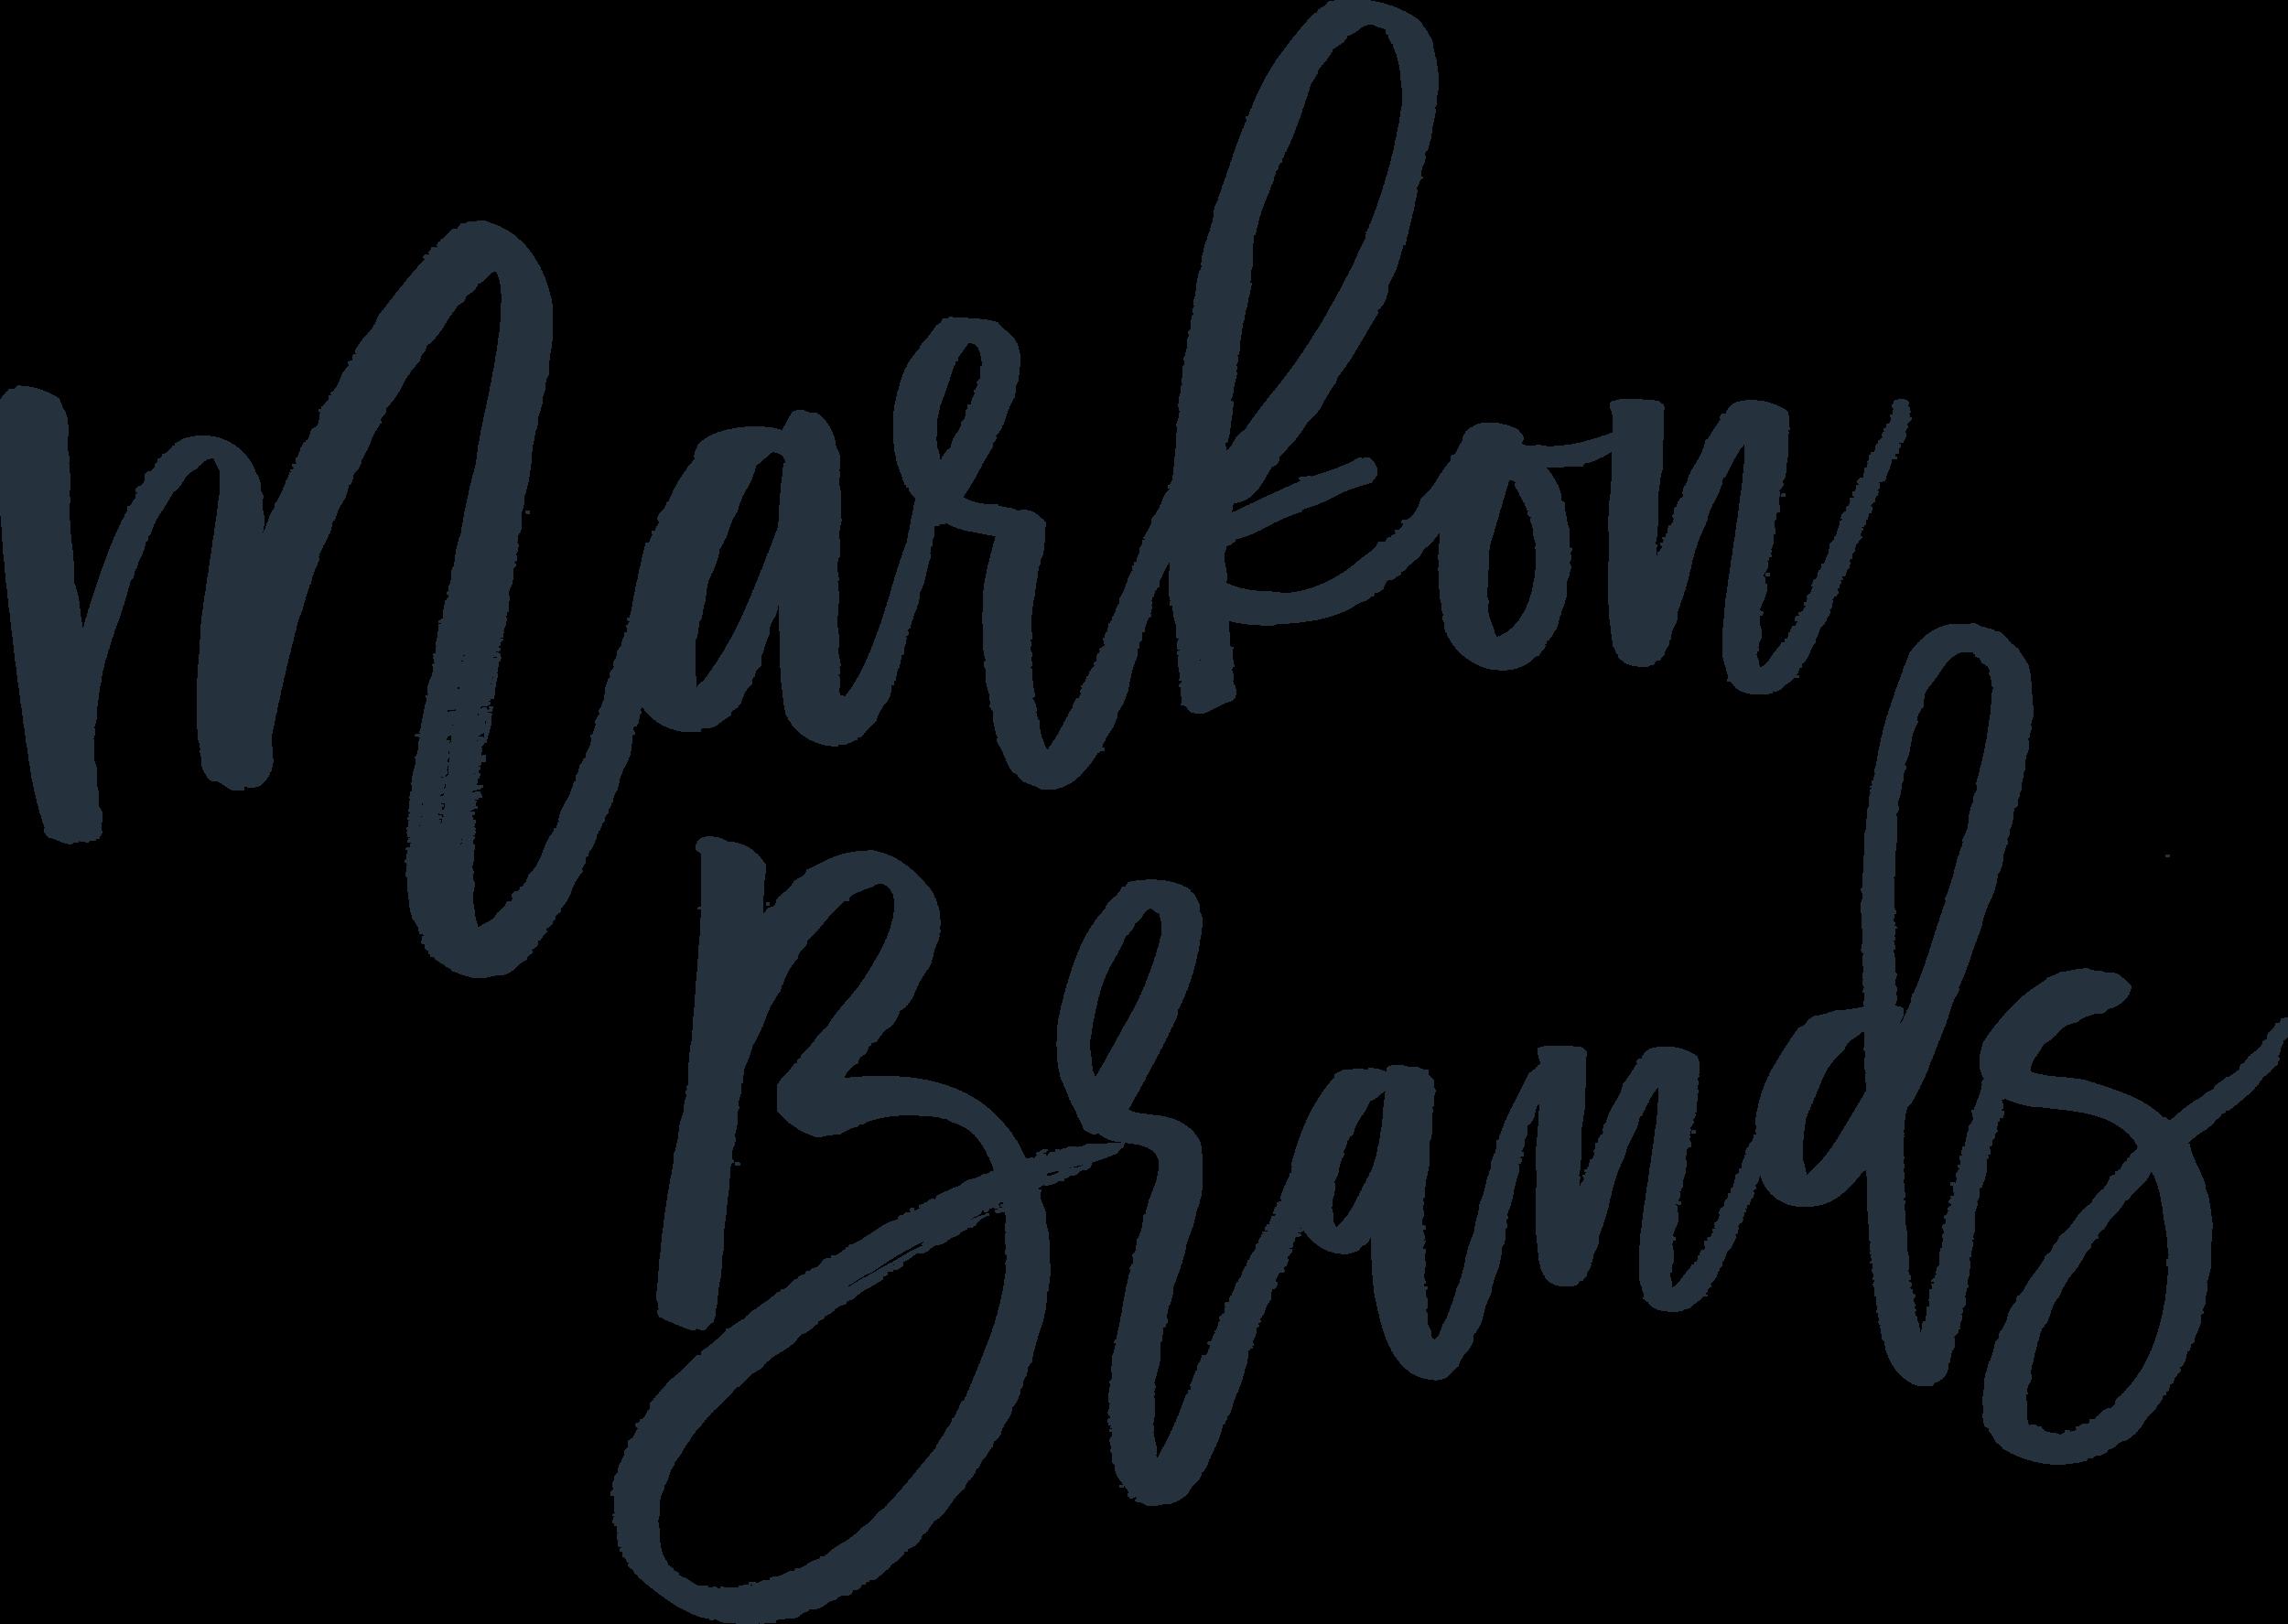 Markon Brand Design